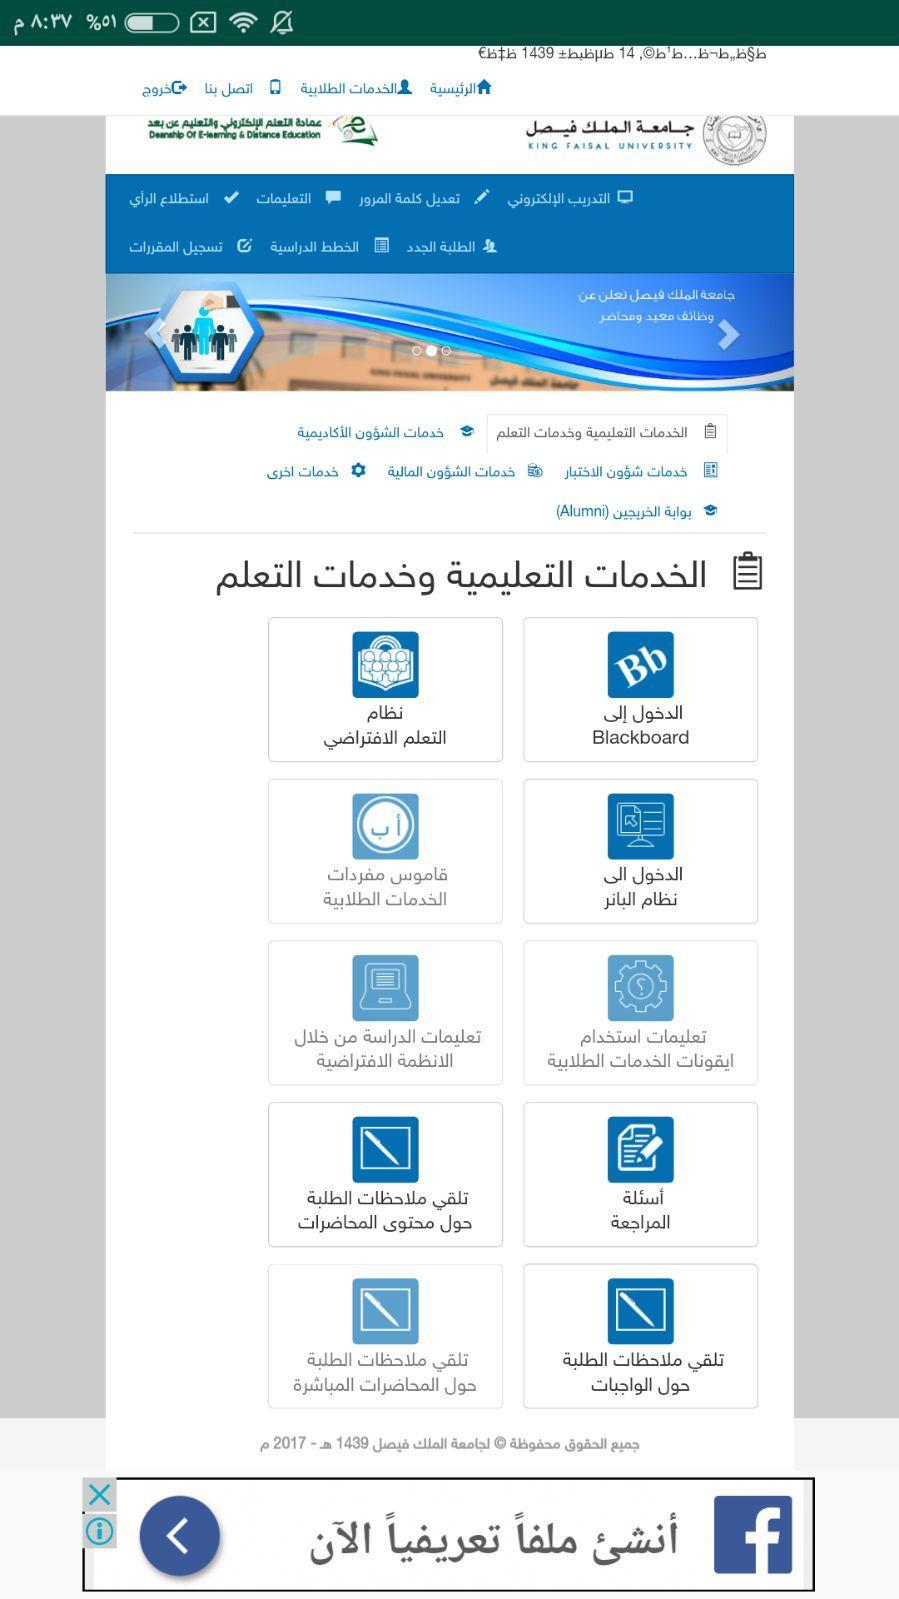 الخدمات الطلابية لطلاب جامعة الملك فيصل For Android Apk Download